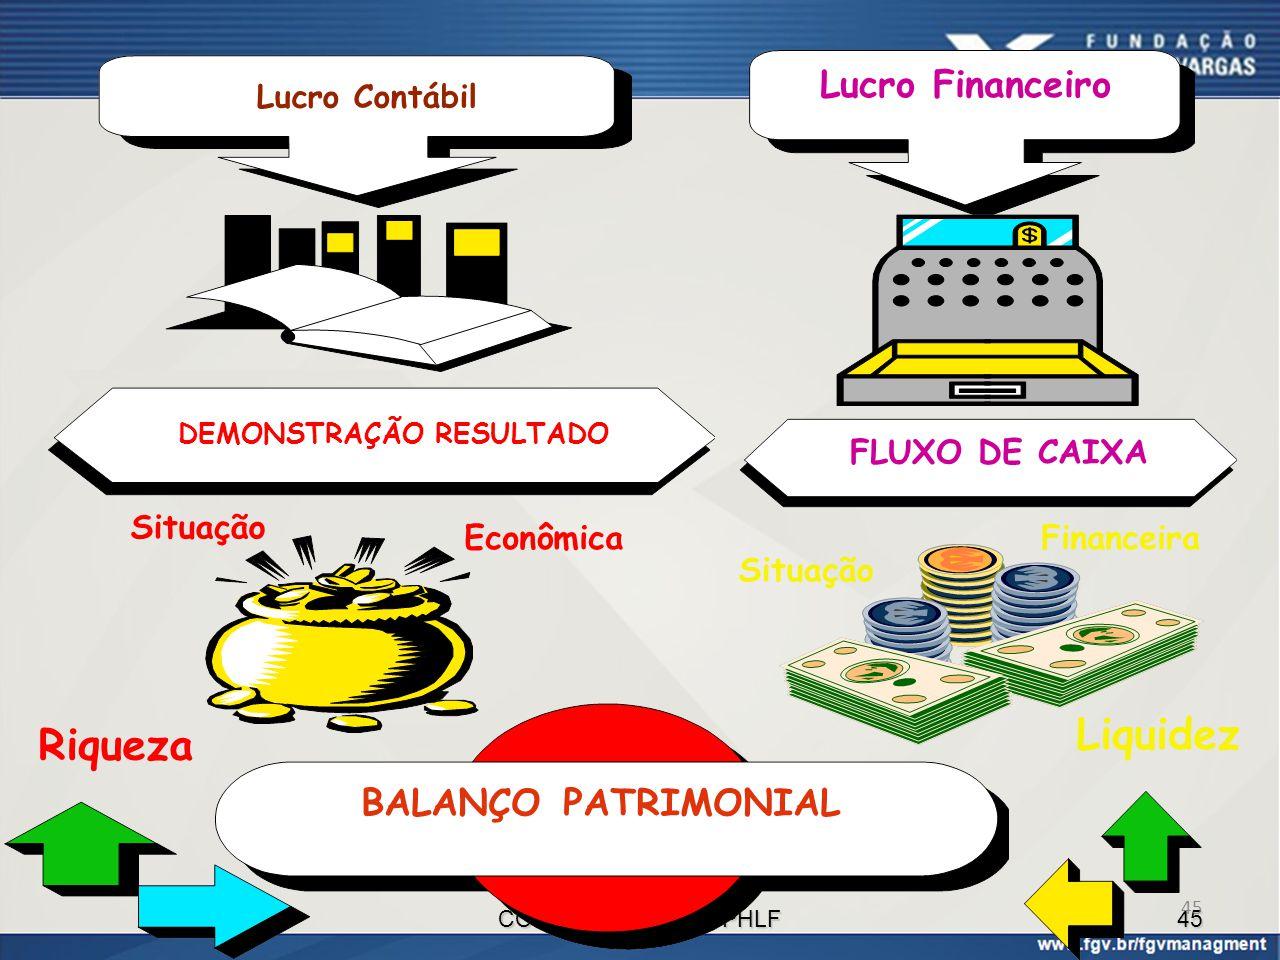 CONT.FINANCEIRA - PHLF 45 DEMONSTRAÇÃO RESULTADO FLUXO DE CAIXA BALANÇO PATRIMONIAL Lucro Financeiro Riqueza Liquidez Situação Econômica Situação Fina